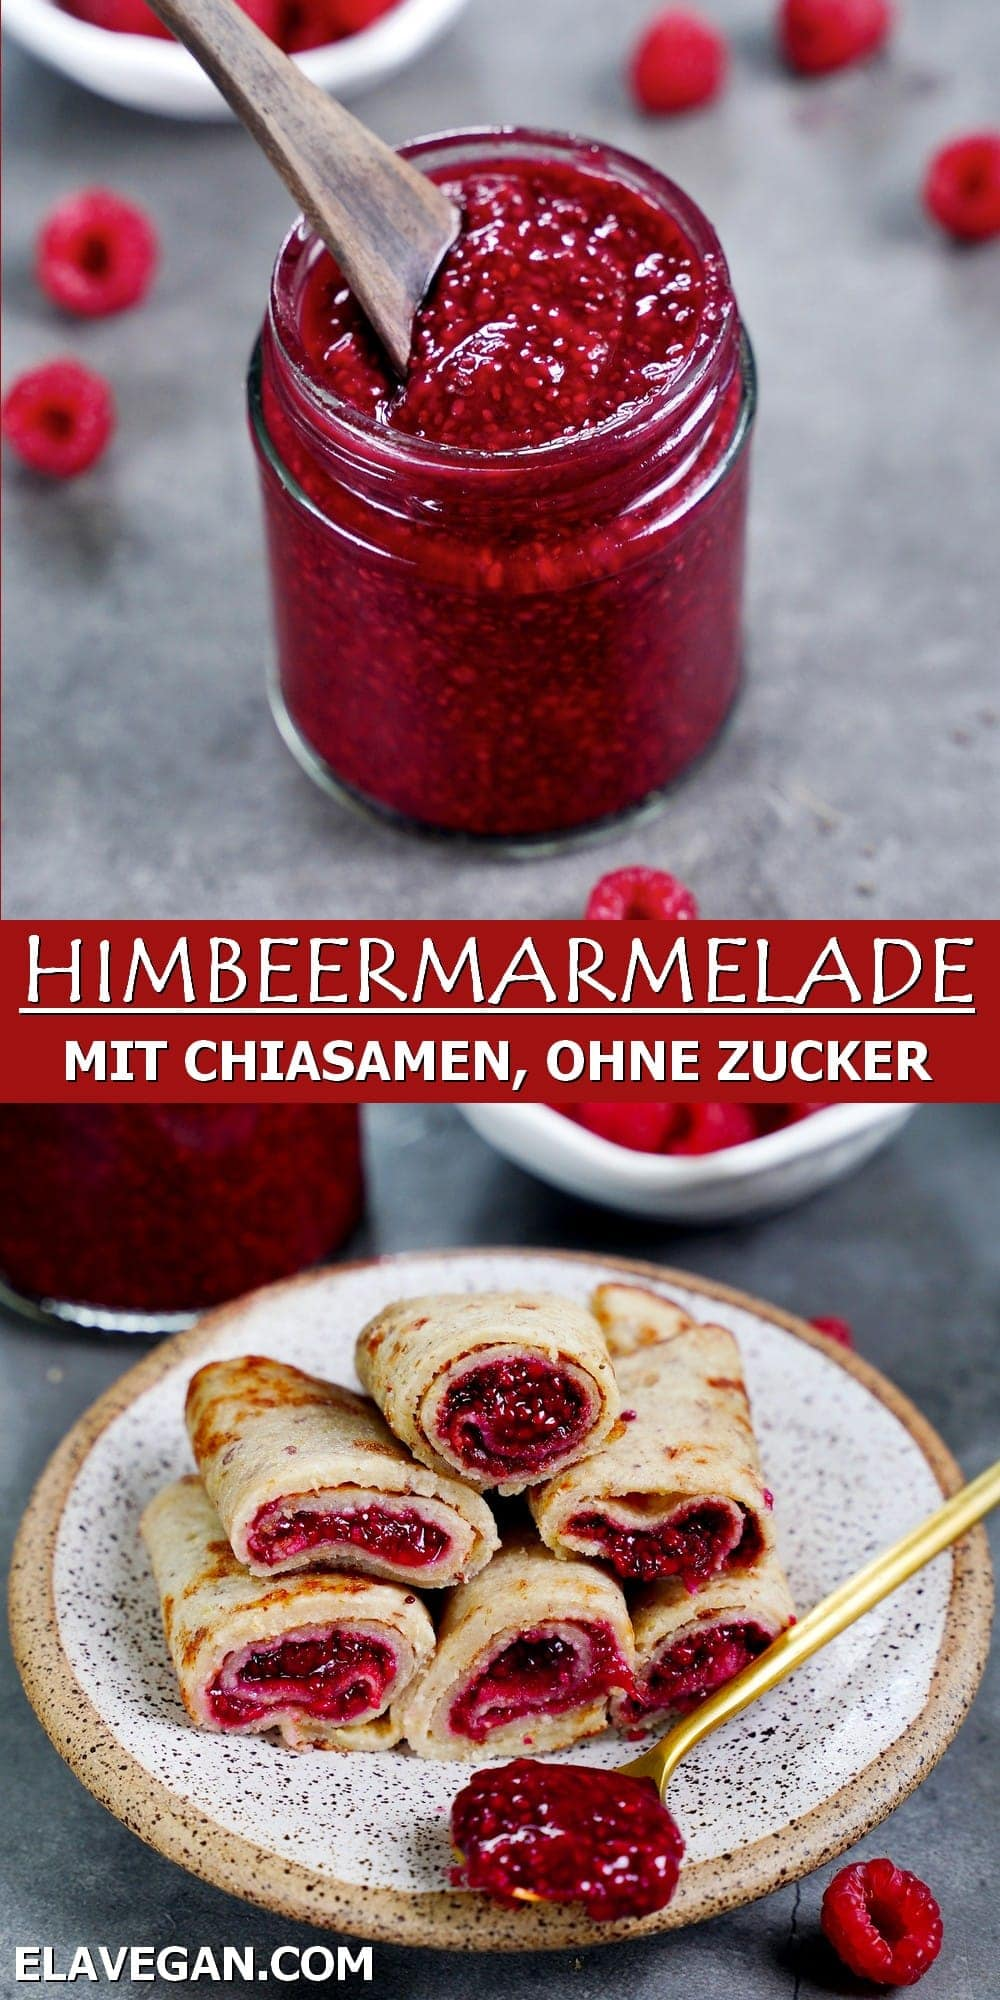 Pinterest Collage Himbeermarmelade mit Chiasamen ohne Zucker